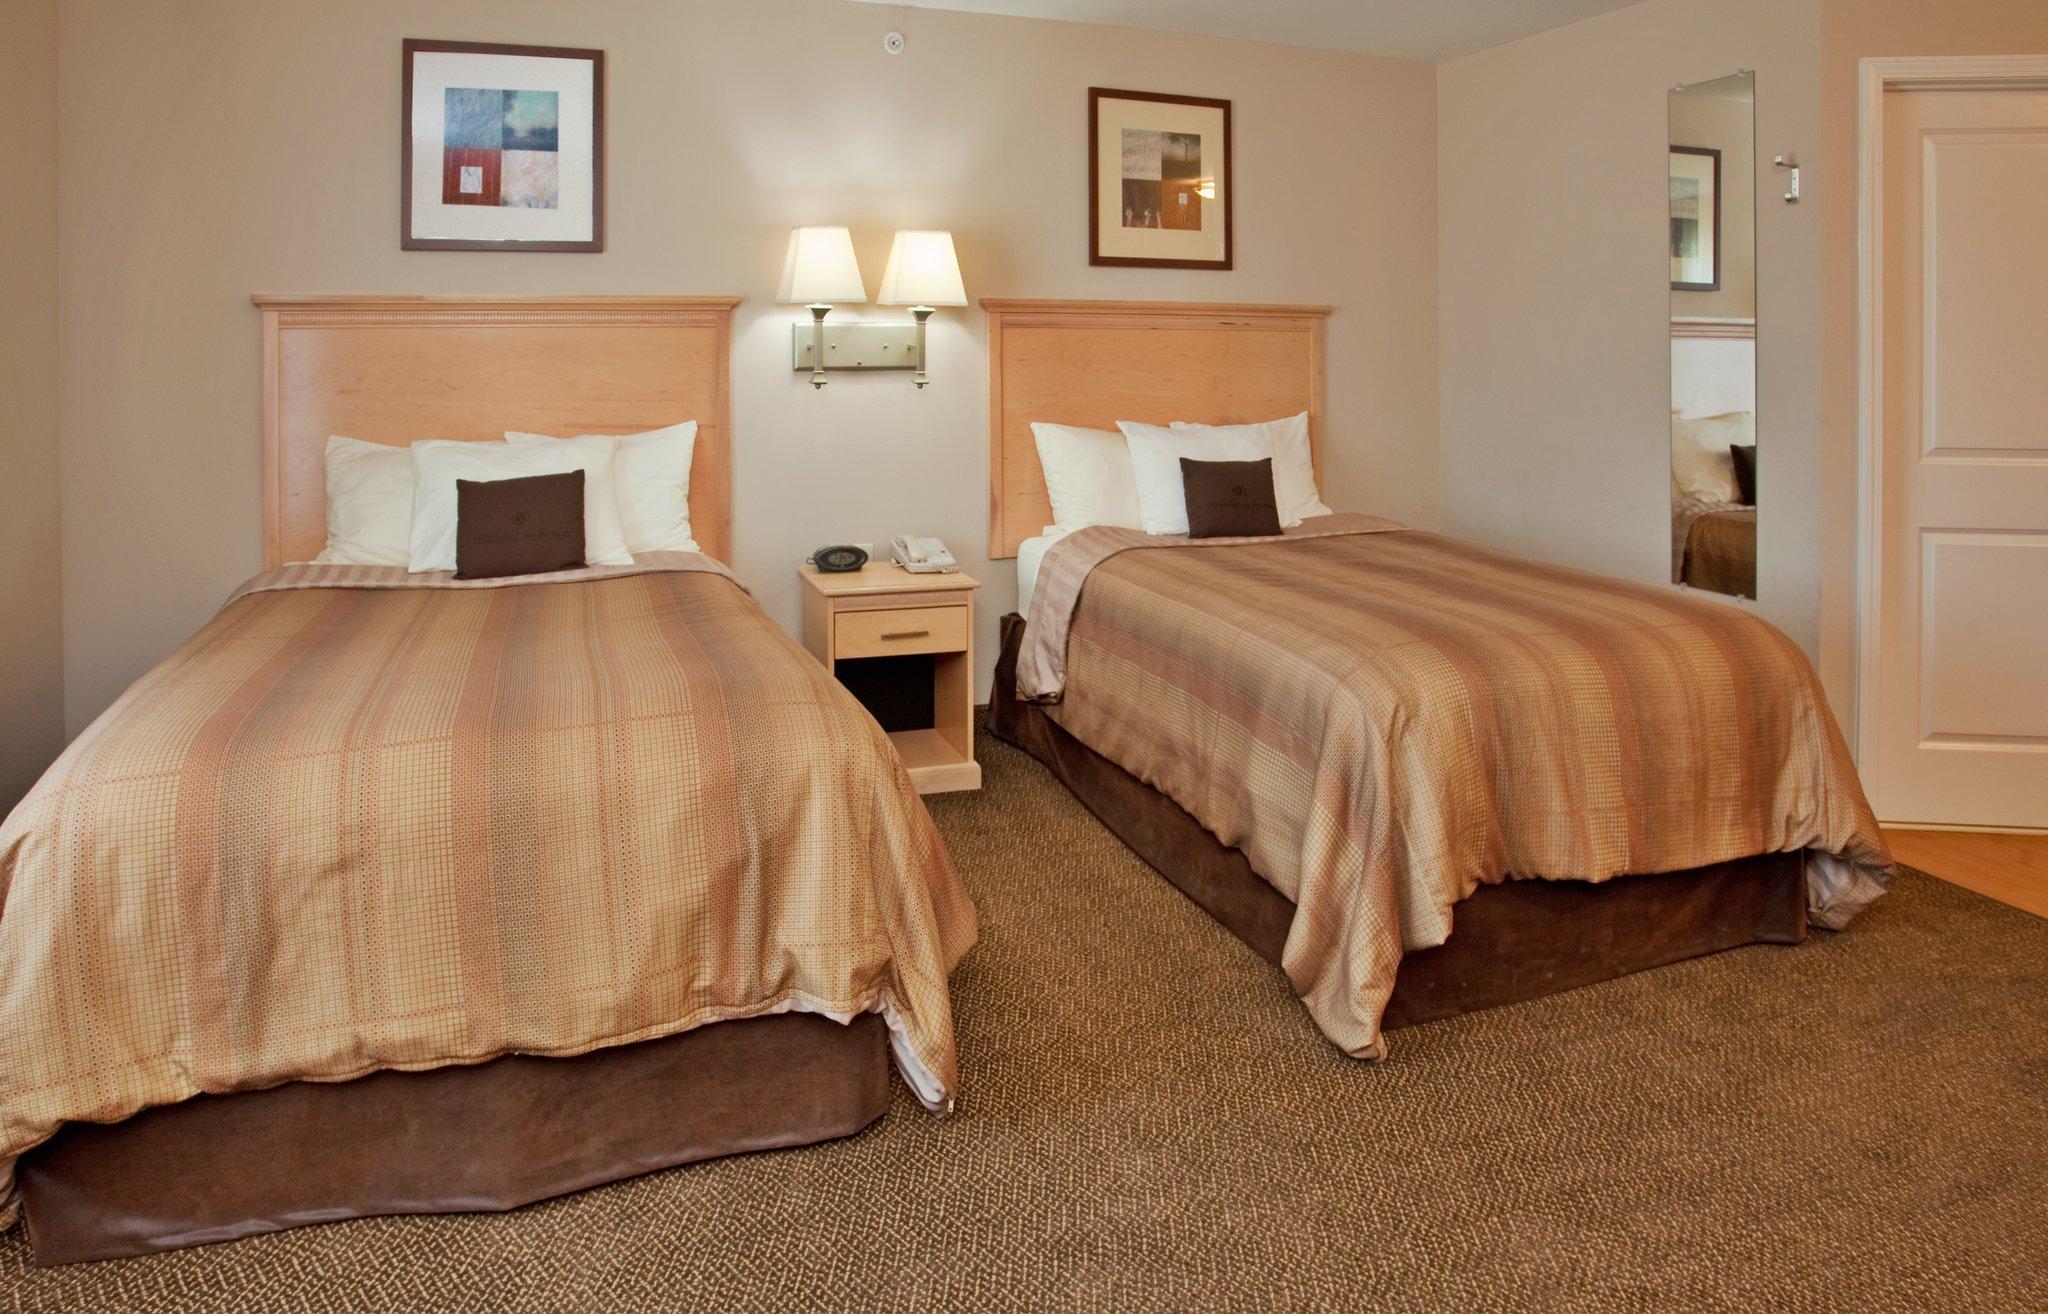 Candlewood Suites Olathe